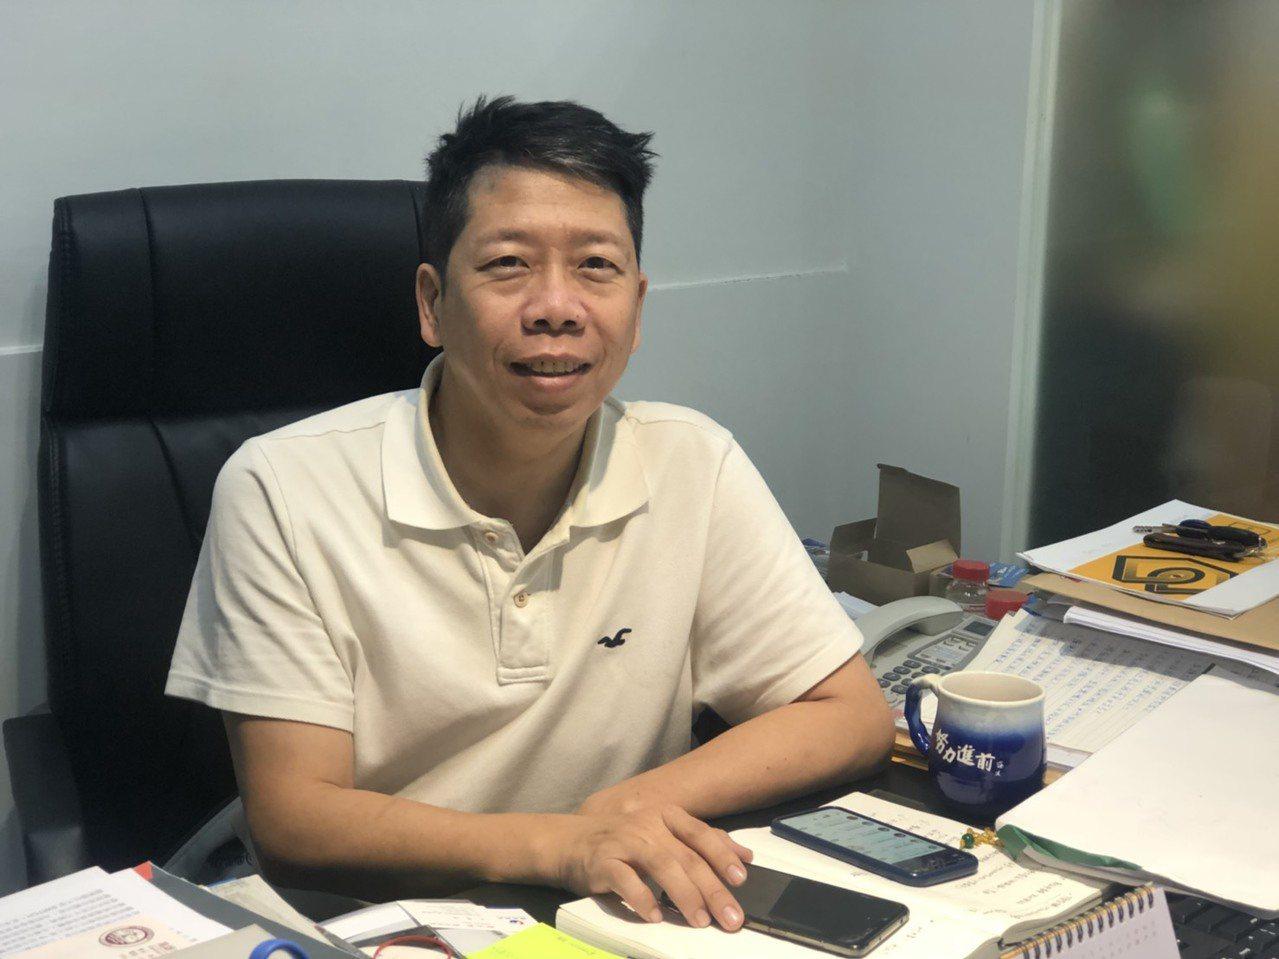 韓國瑜競總議題小組成員之一的高雄市議員黃紹庭。圖/本報資料照片